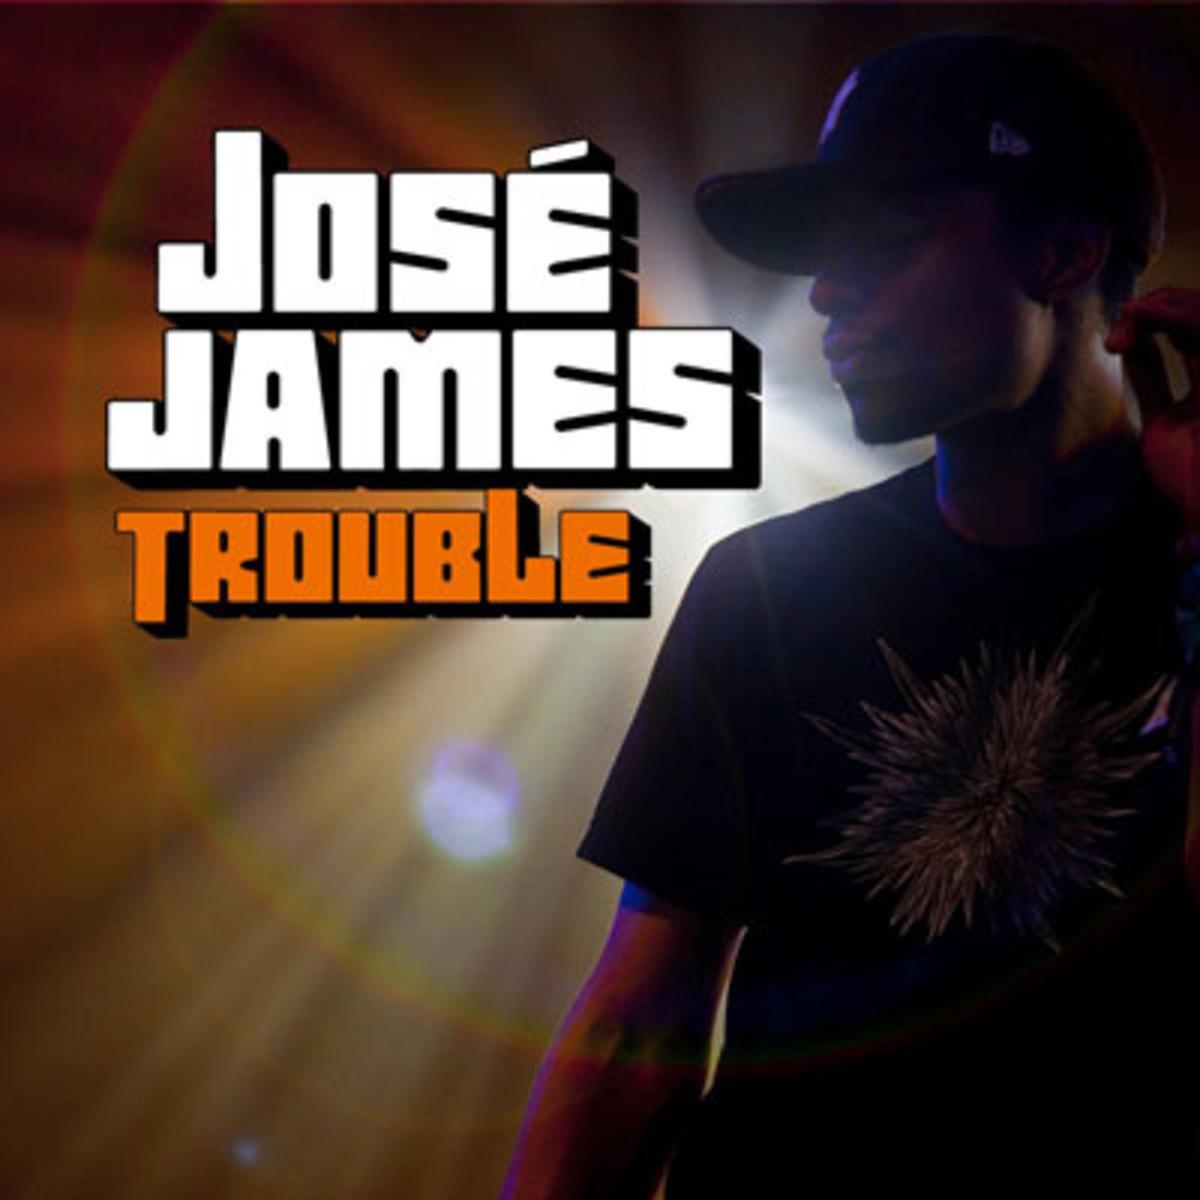 jamesjones-trouble.jpg